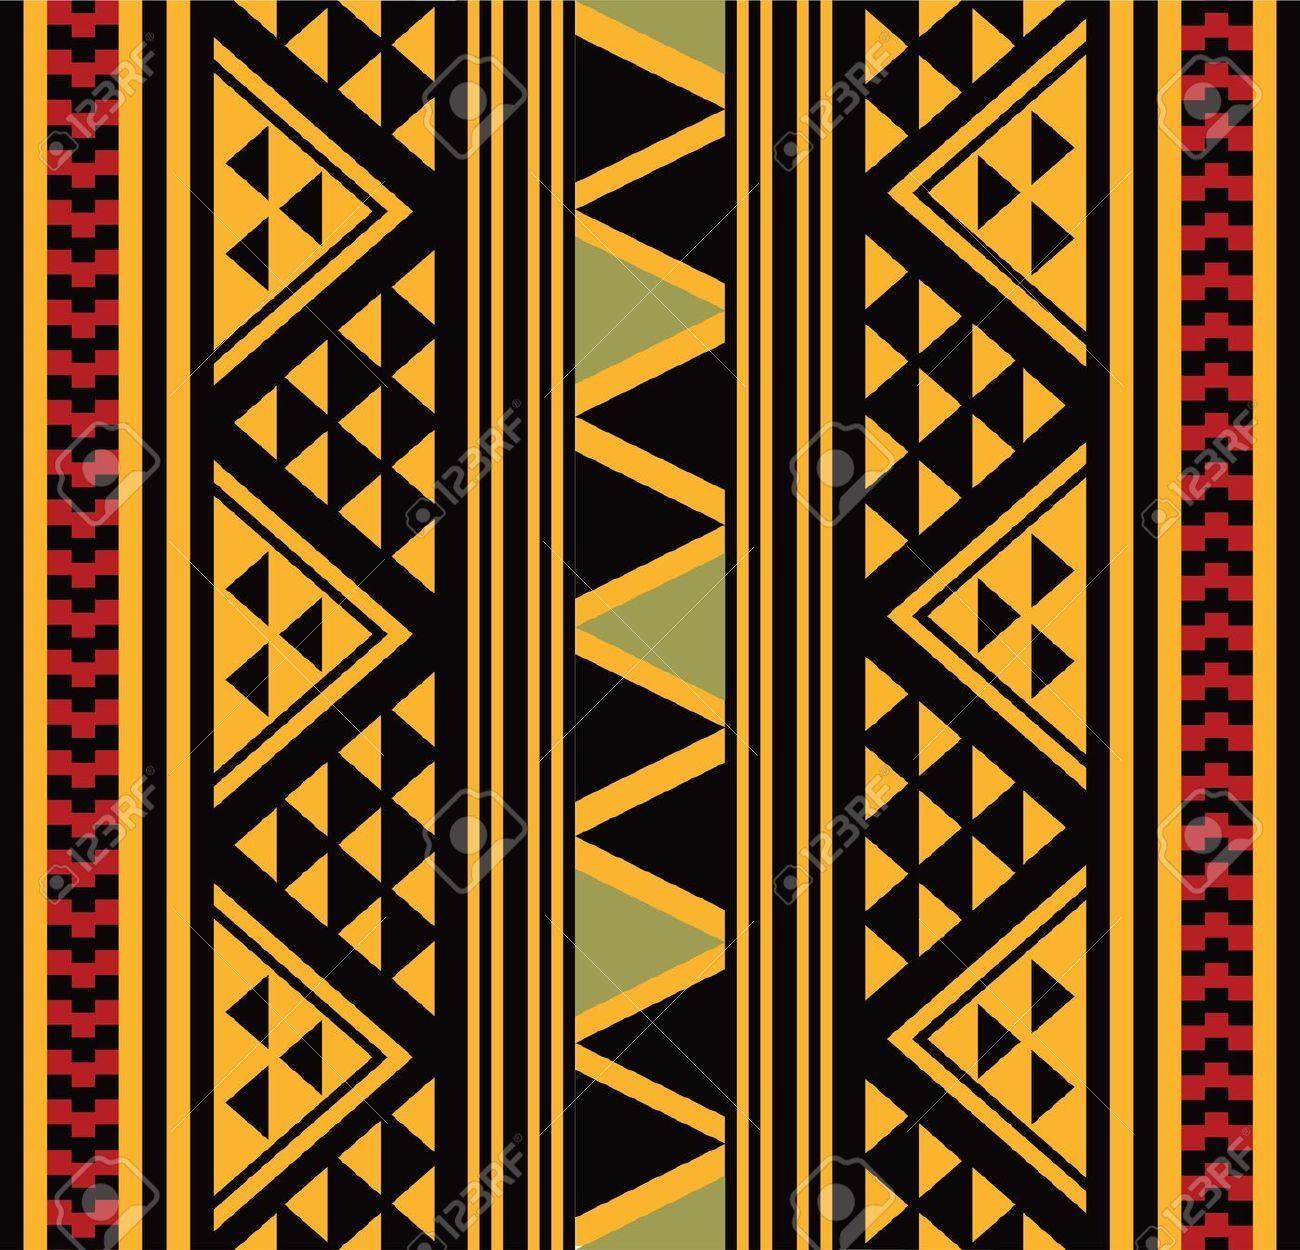 Teste Padrão Africano Royalty Free Cliparts, Vetores, E Ilustrações ...